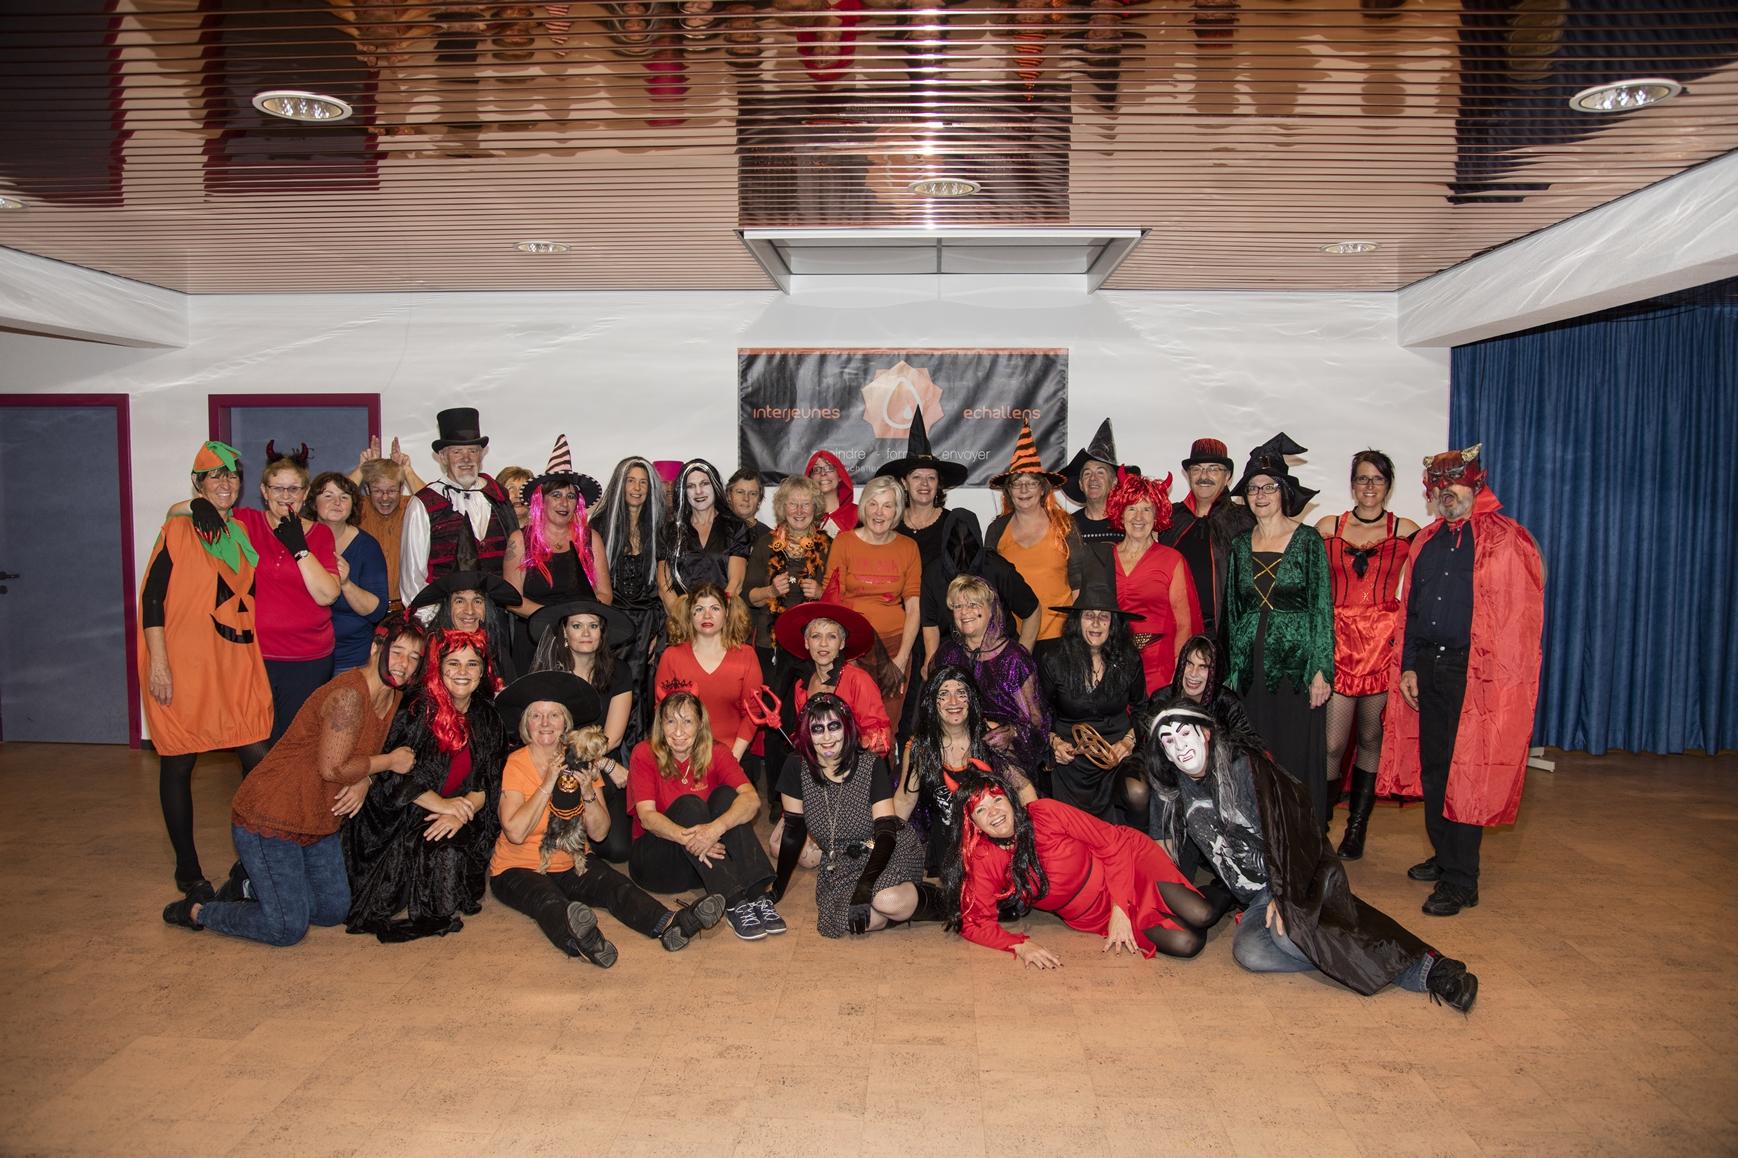 Halloween-5819-Groupe